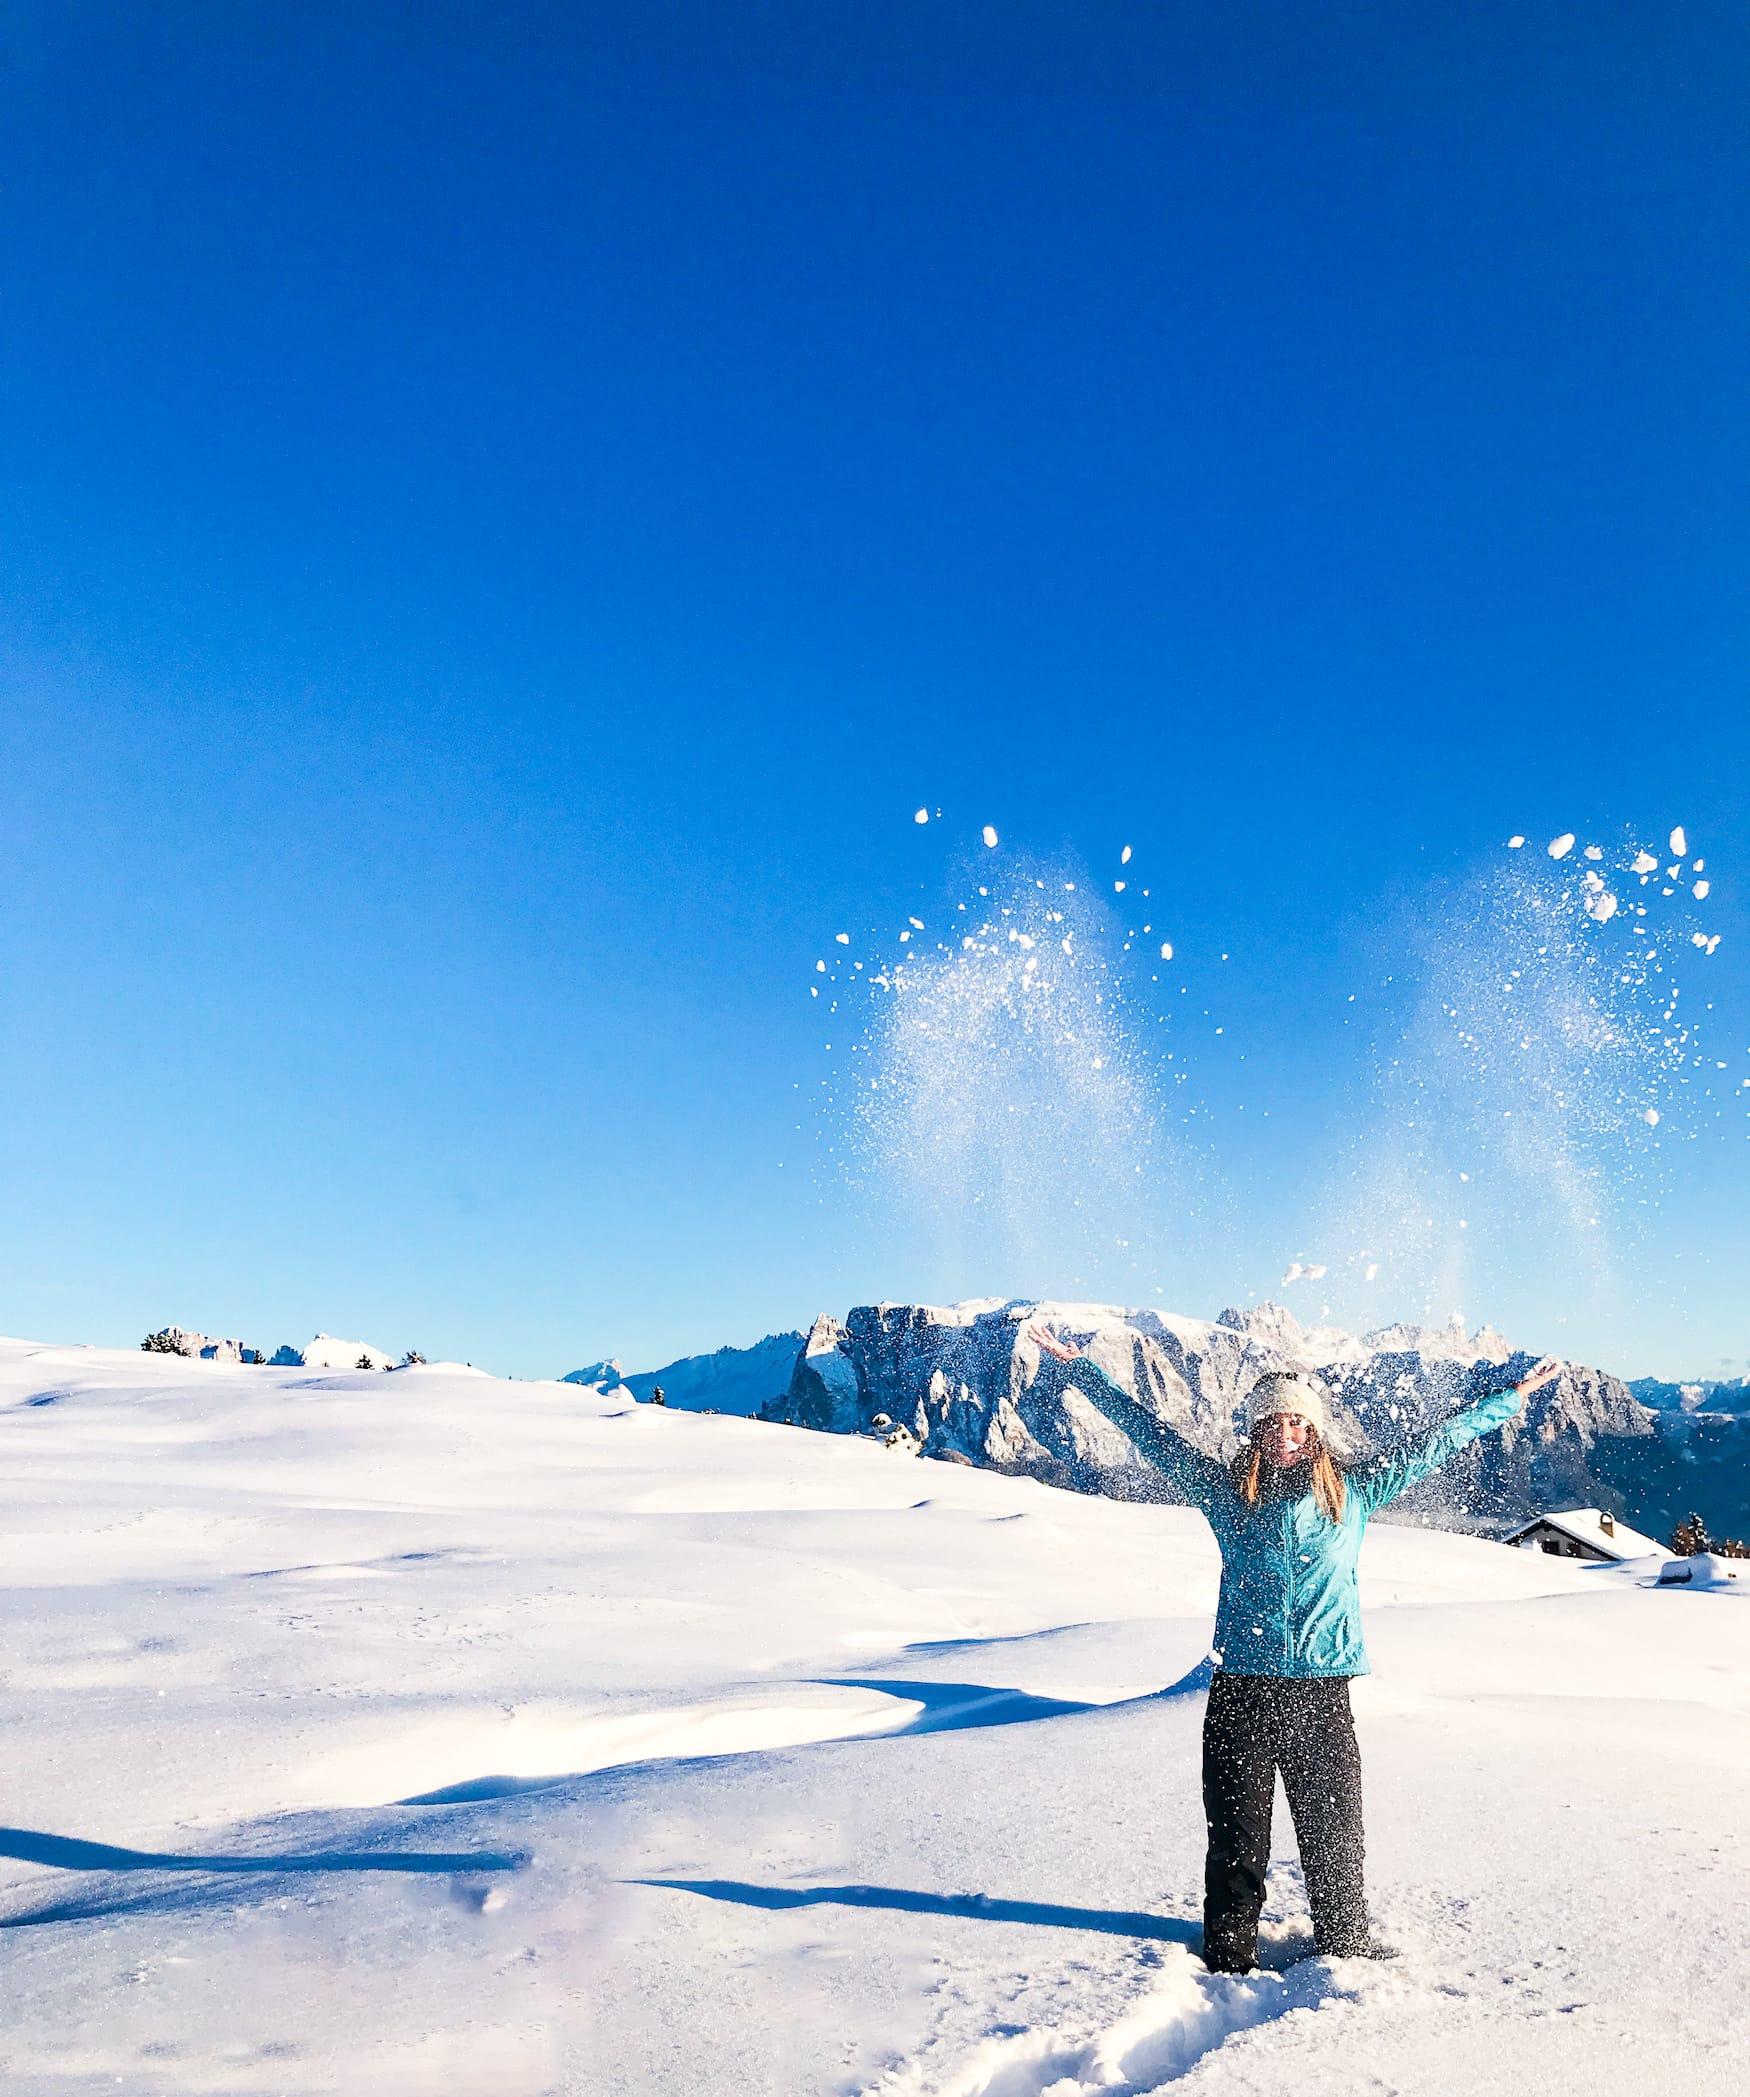 Frau wirft Arme in die Höhe in Schneelandschaft